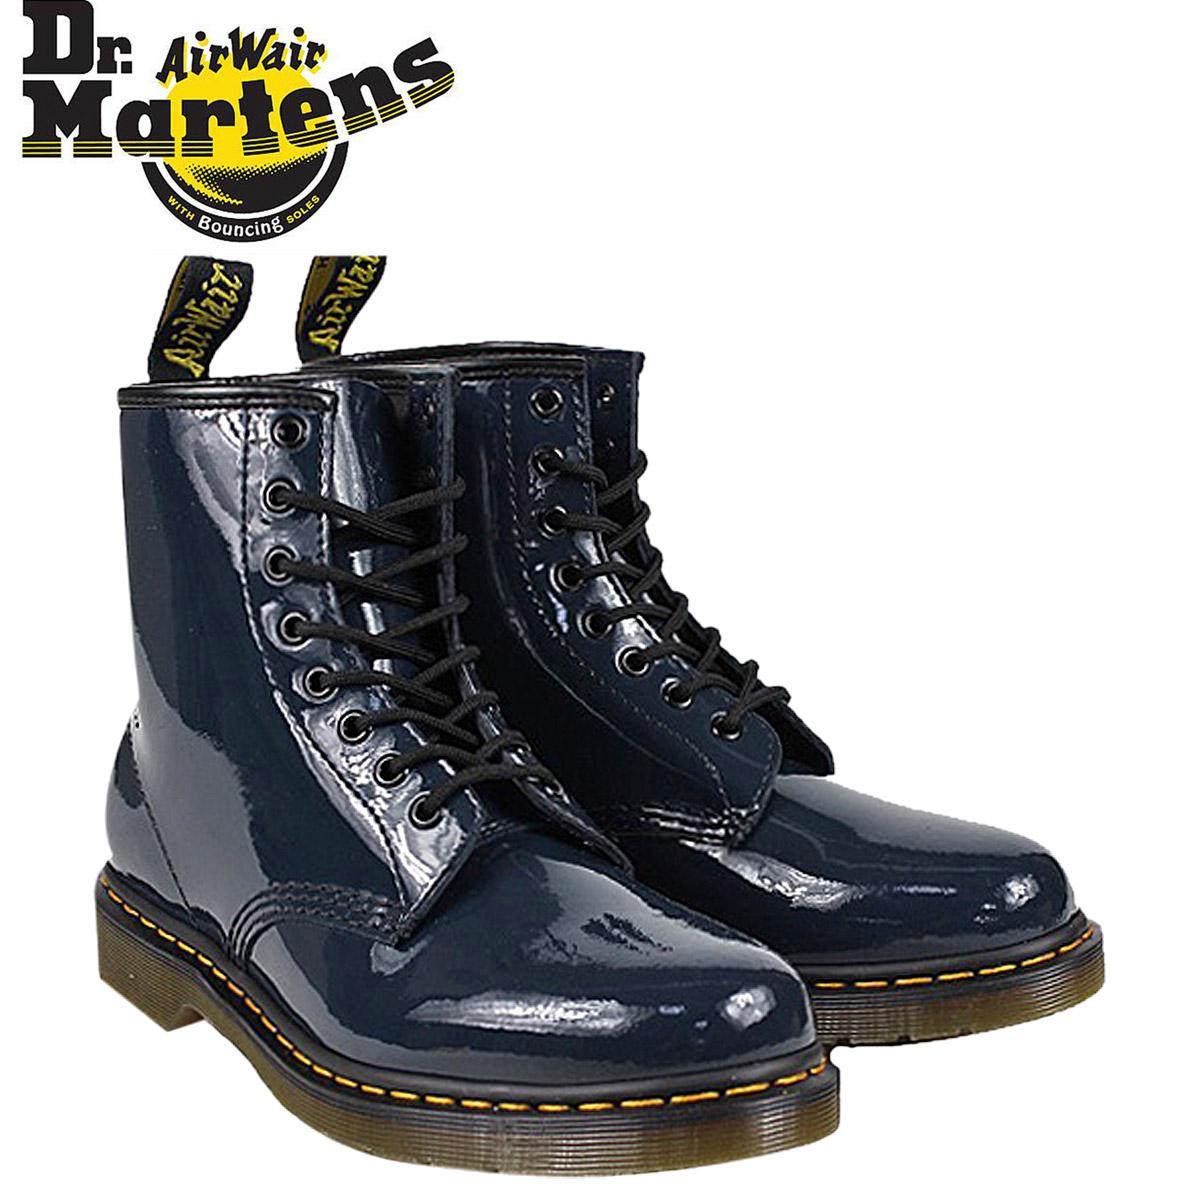 ドクターマーチン 8ホール 1460 メンズ レディース Dr.Martens ブーツ 8EYE BOOT R11822412